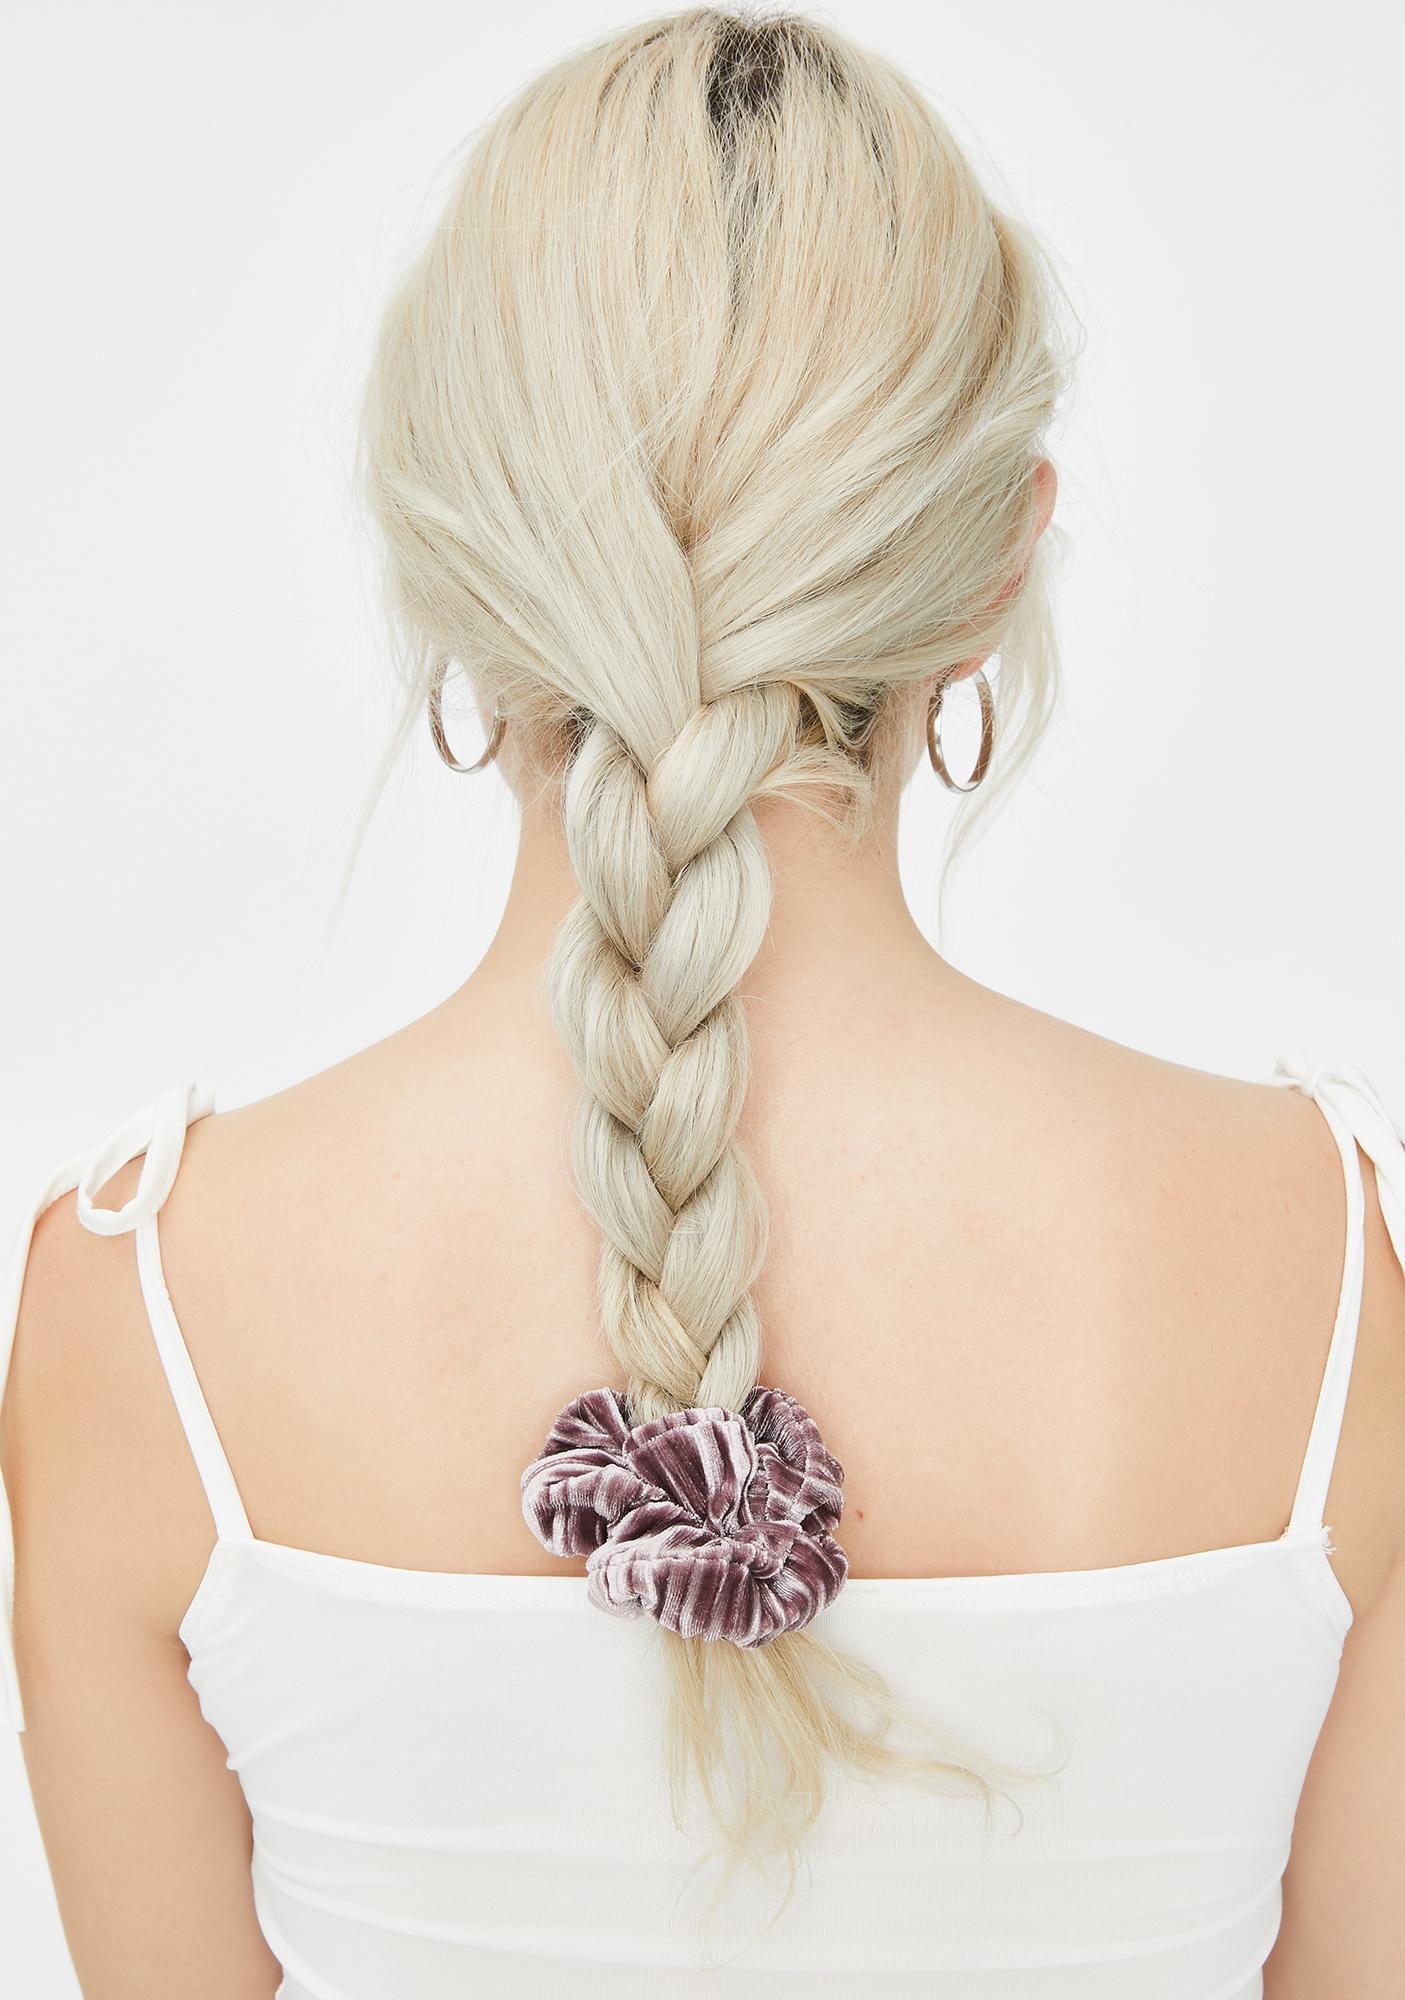 Dusty Rose Velvet Scrunchies